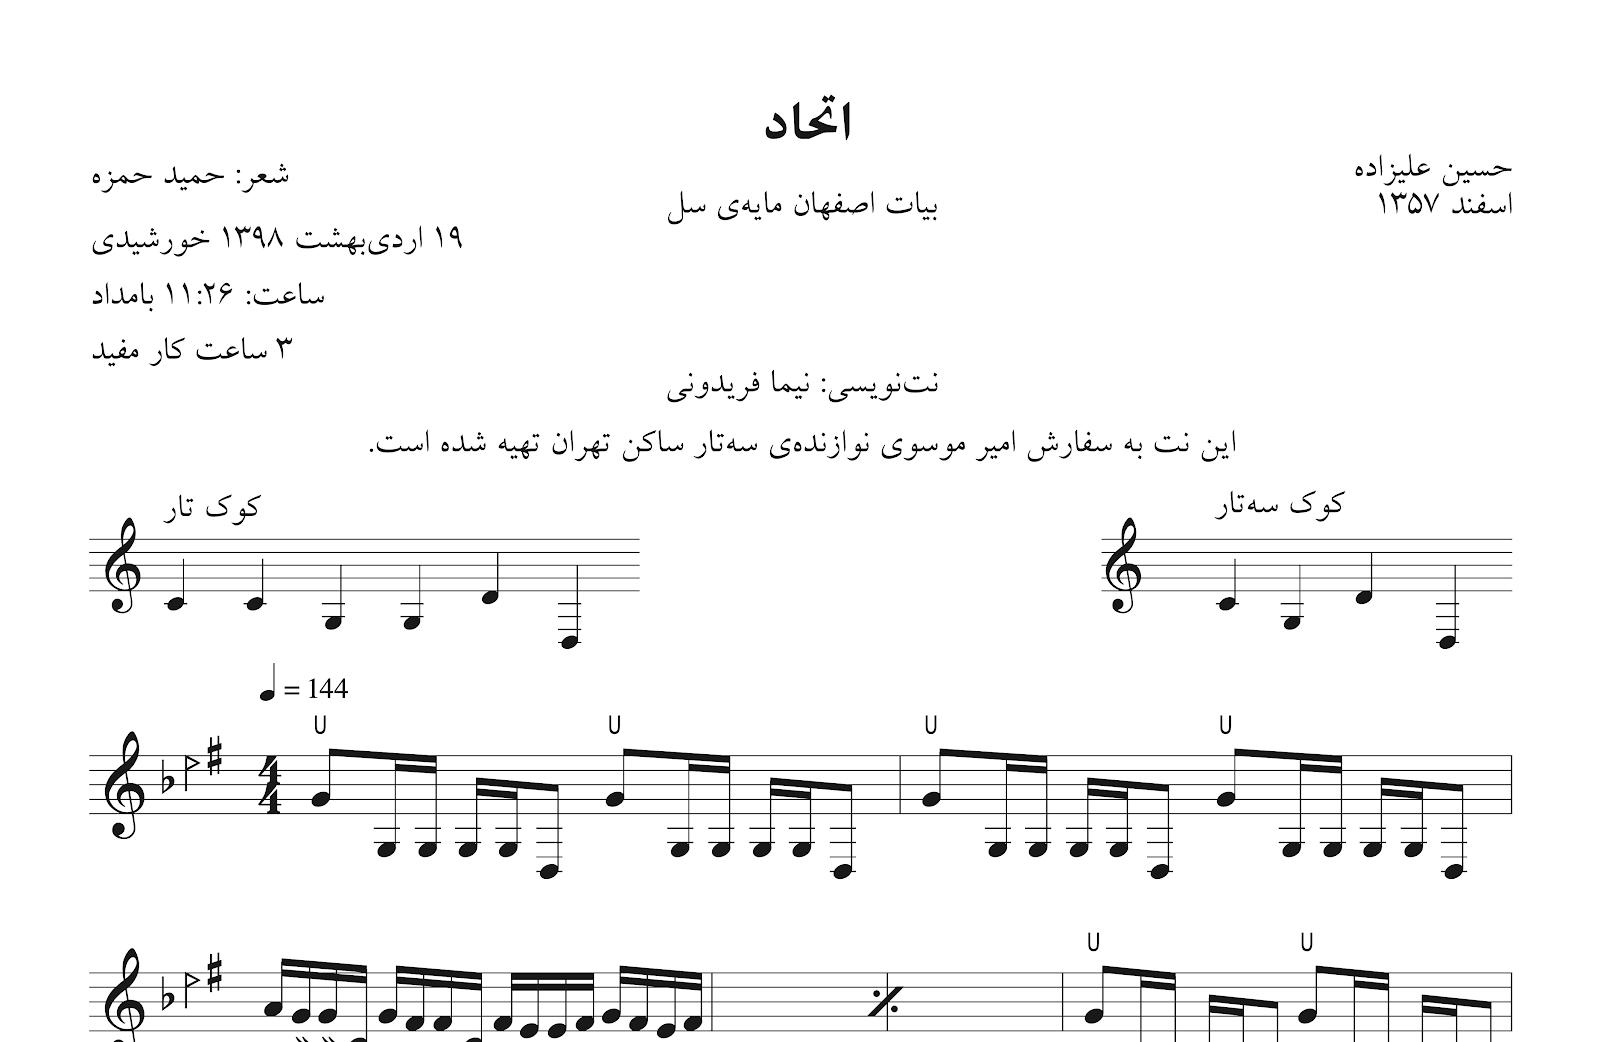 نت اتحاد حسین علیزاده بیات اصفهان مایهی سل نتنویسی نیما فریدونی